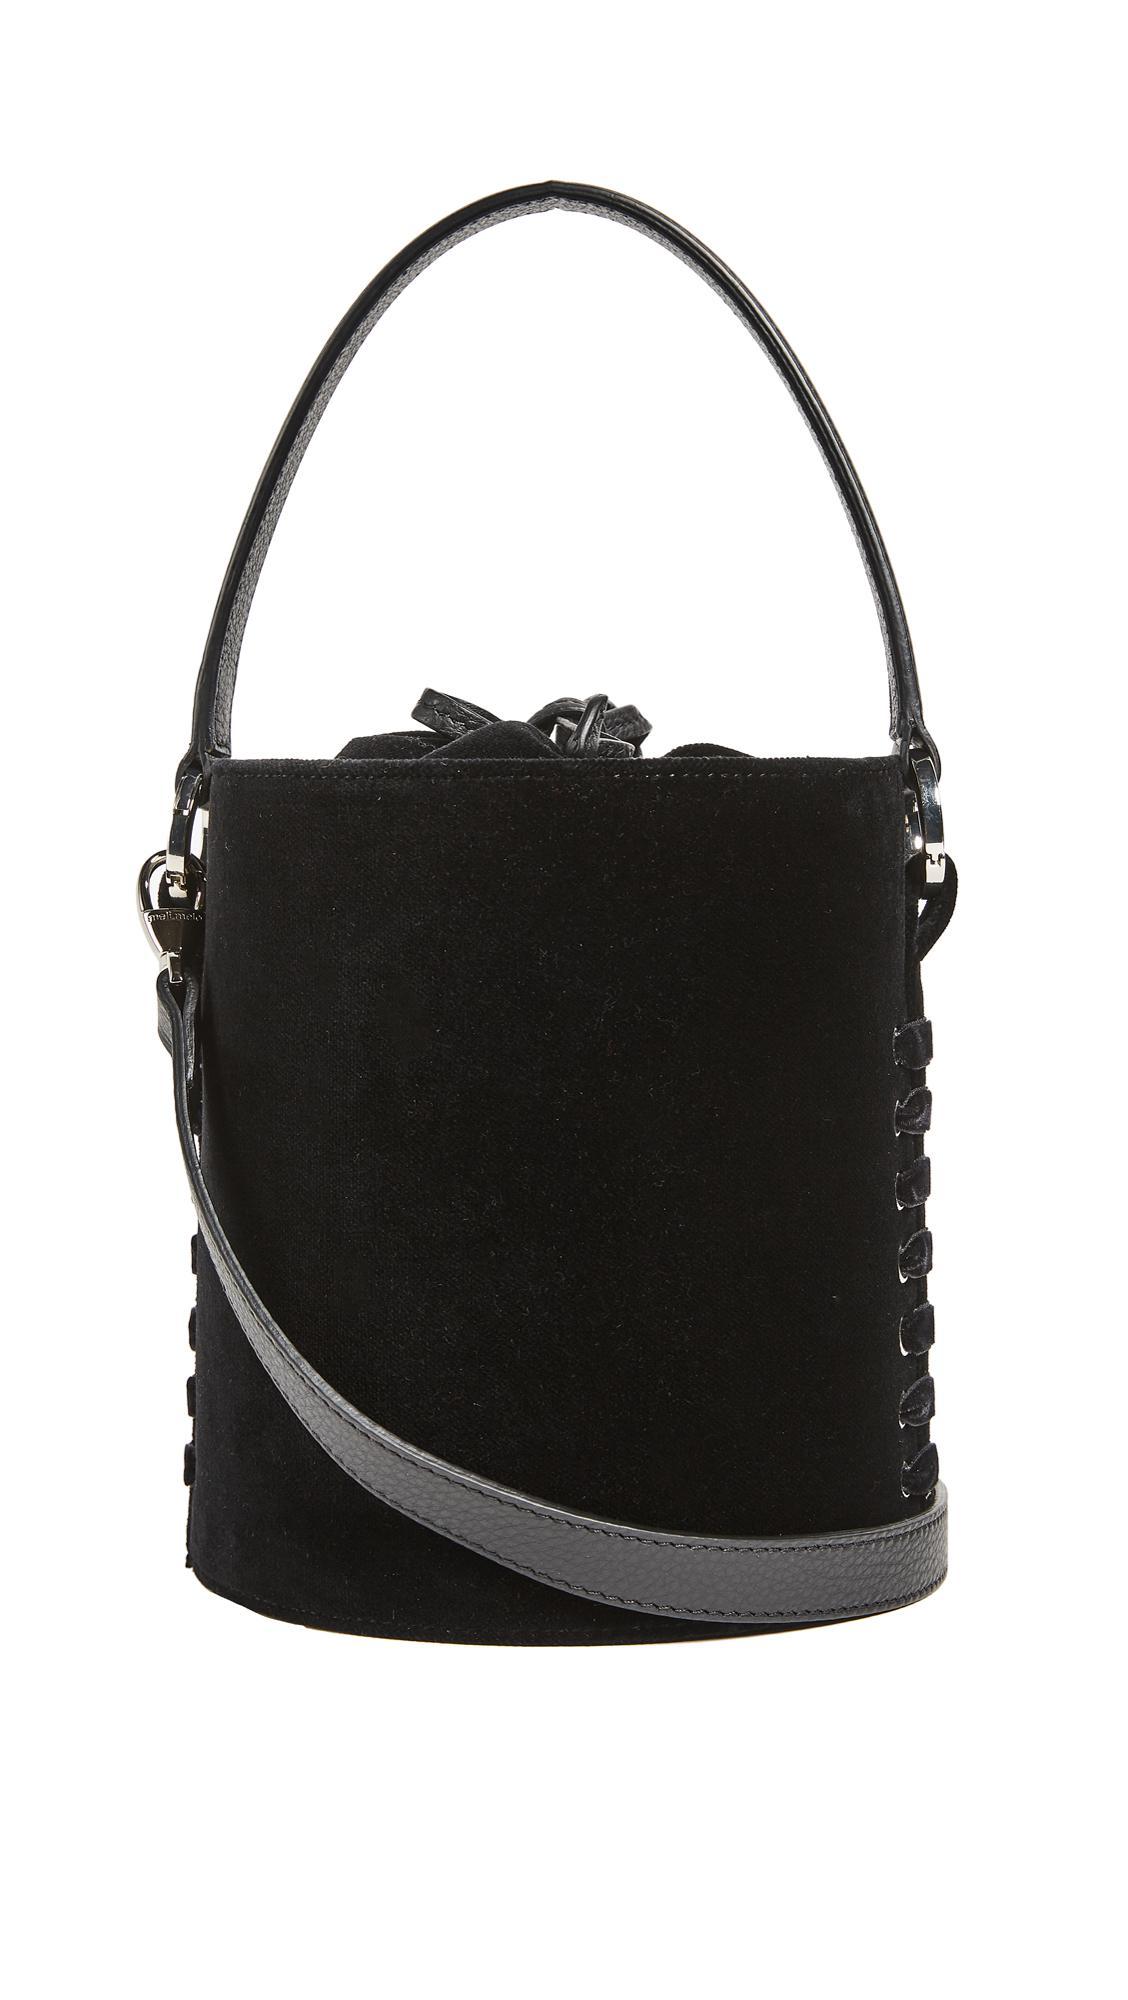 lyst meli melo santina mini eyelet bag in black. Black Bedroom Furniture Sets. Home Design Ideas